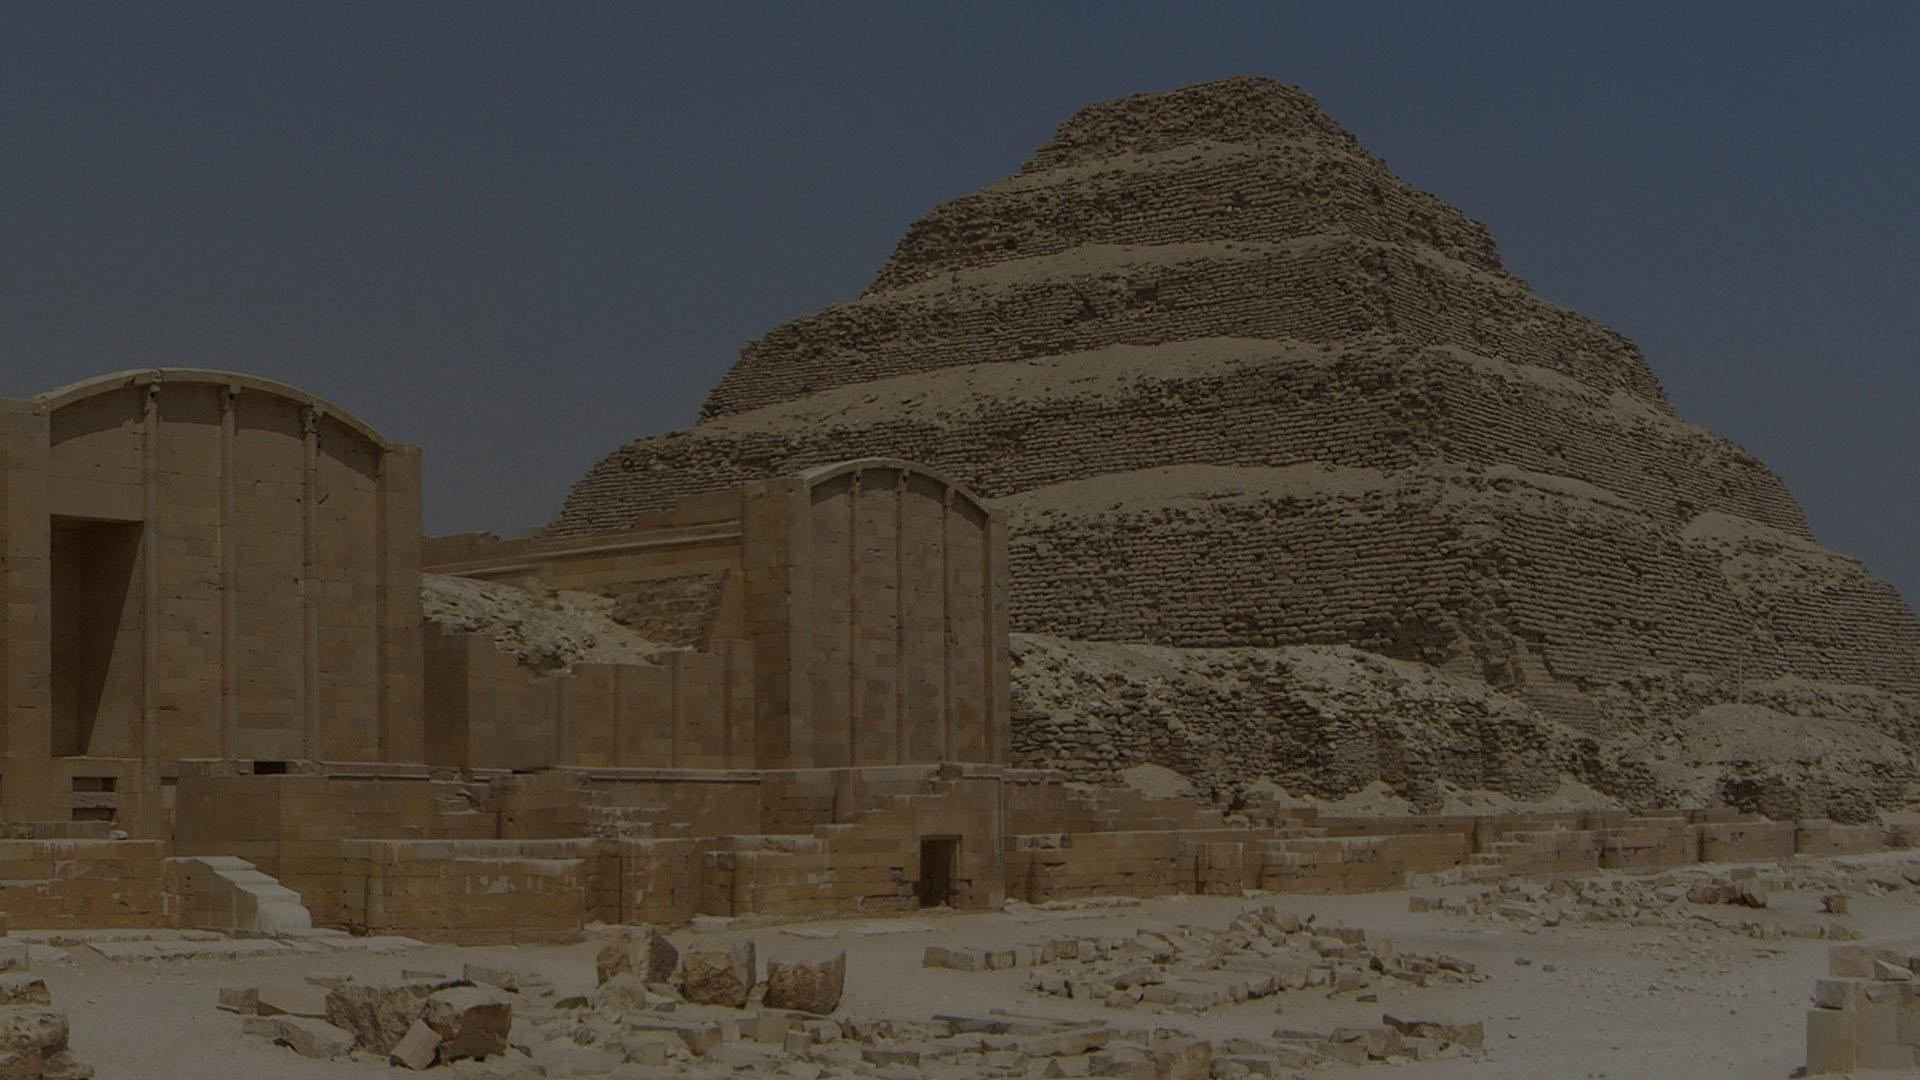 Sumérgete en el esplendor de antiguas civilizaciones